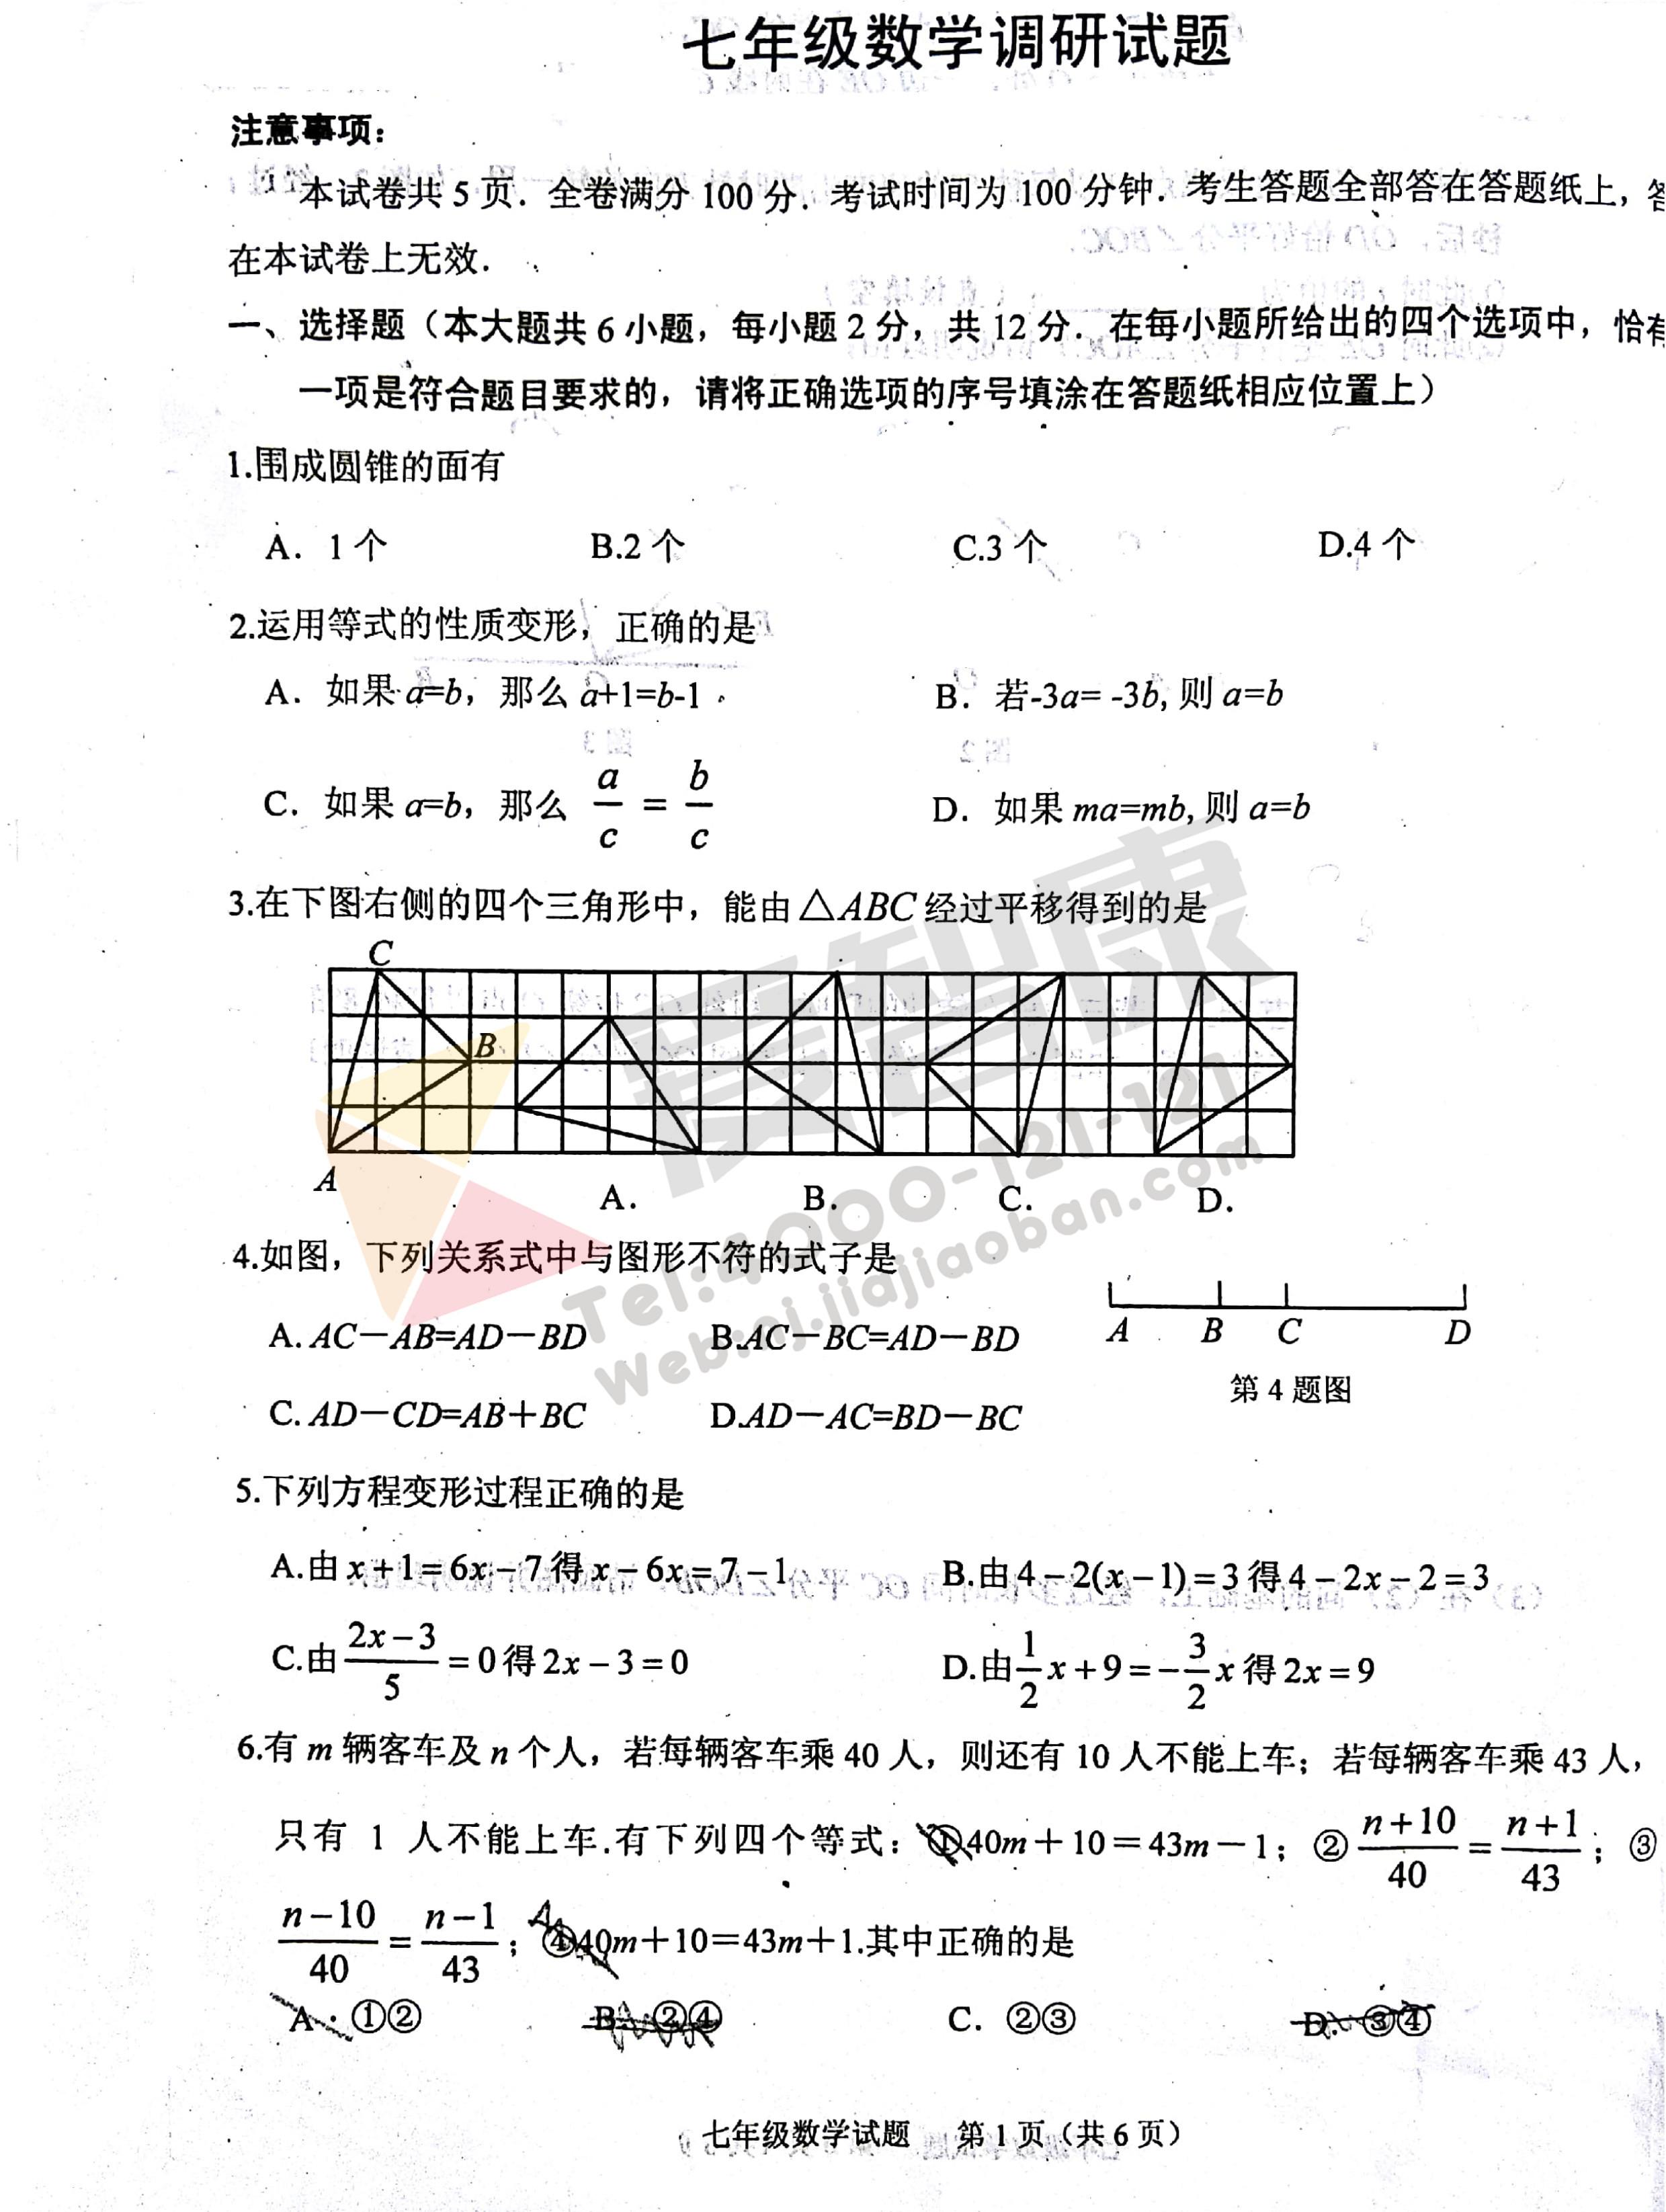 南师江宁初一上月考数学试卷,初一上第一次月考数学试卷,南京初一上月考数学试卷